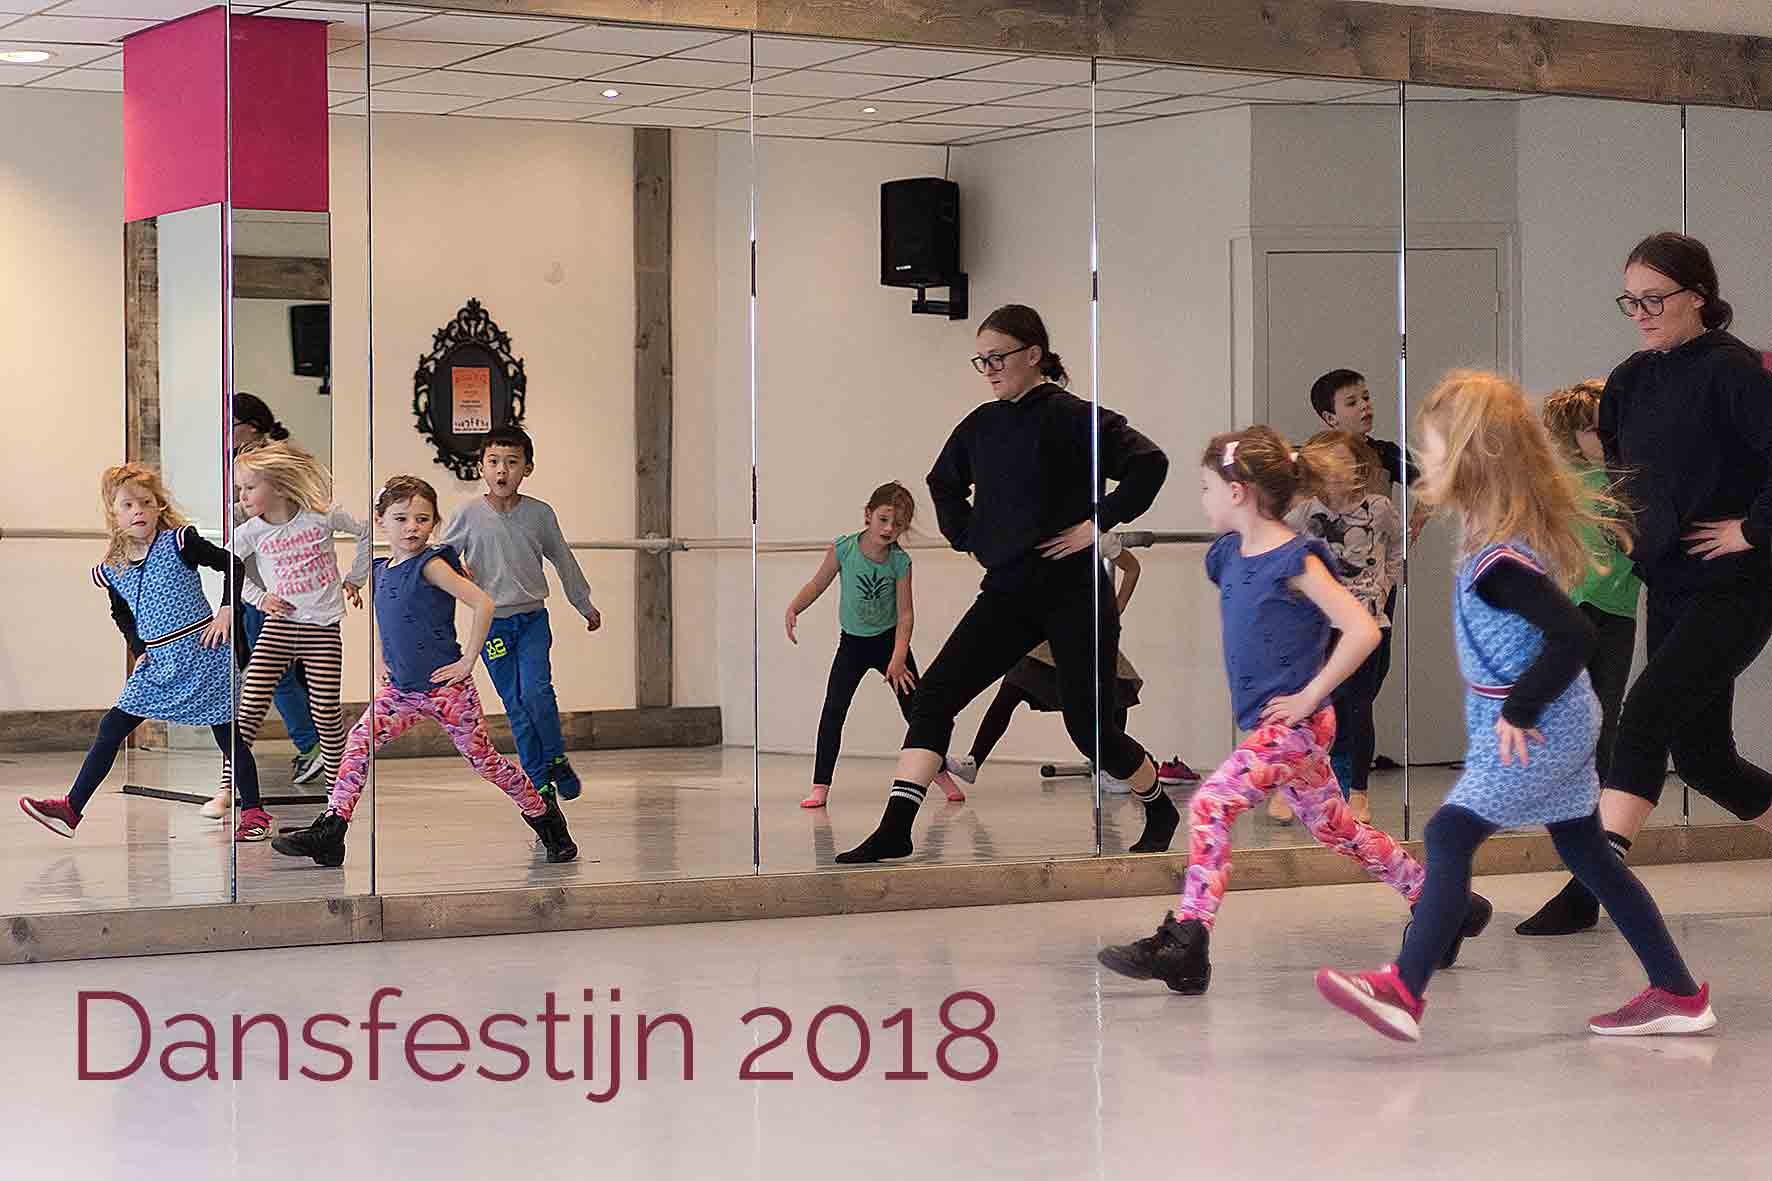 Dansfestijn 2018